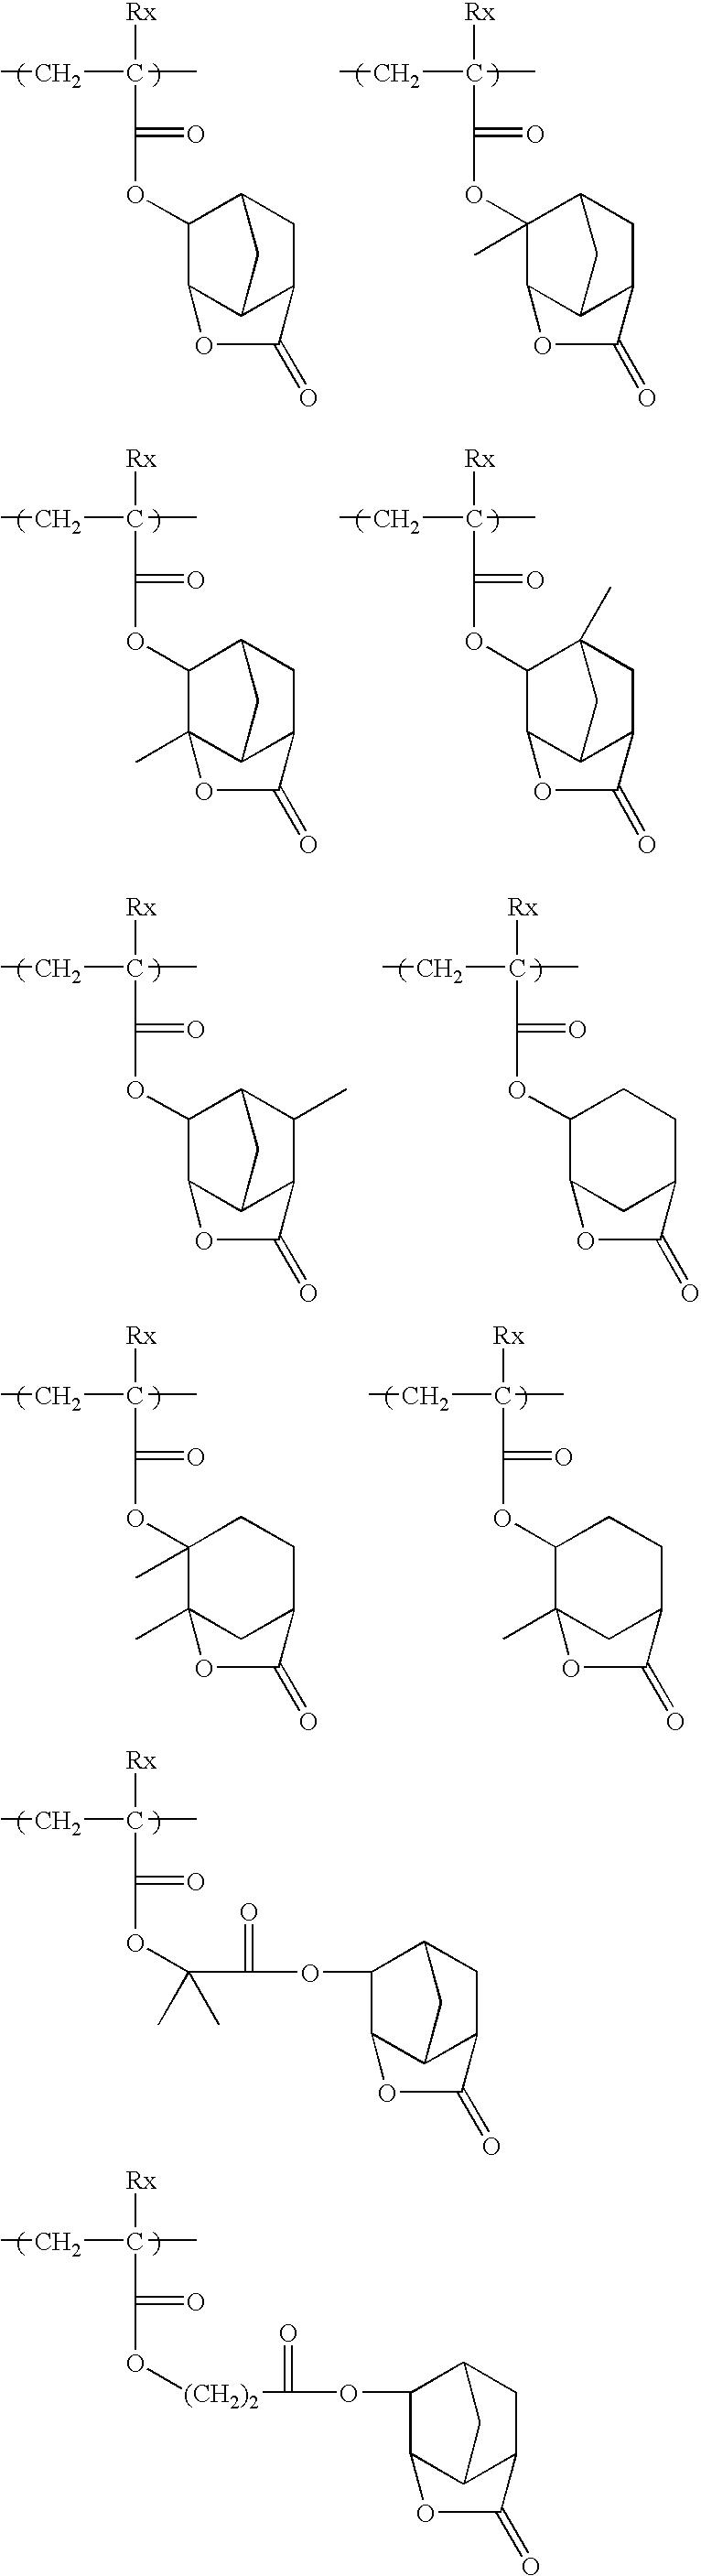 Figure US08530148-20130910-C00023